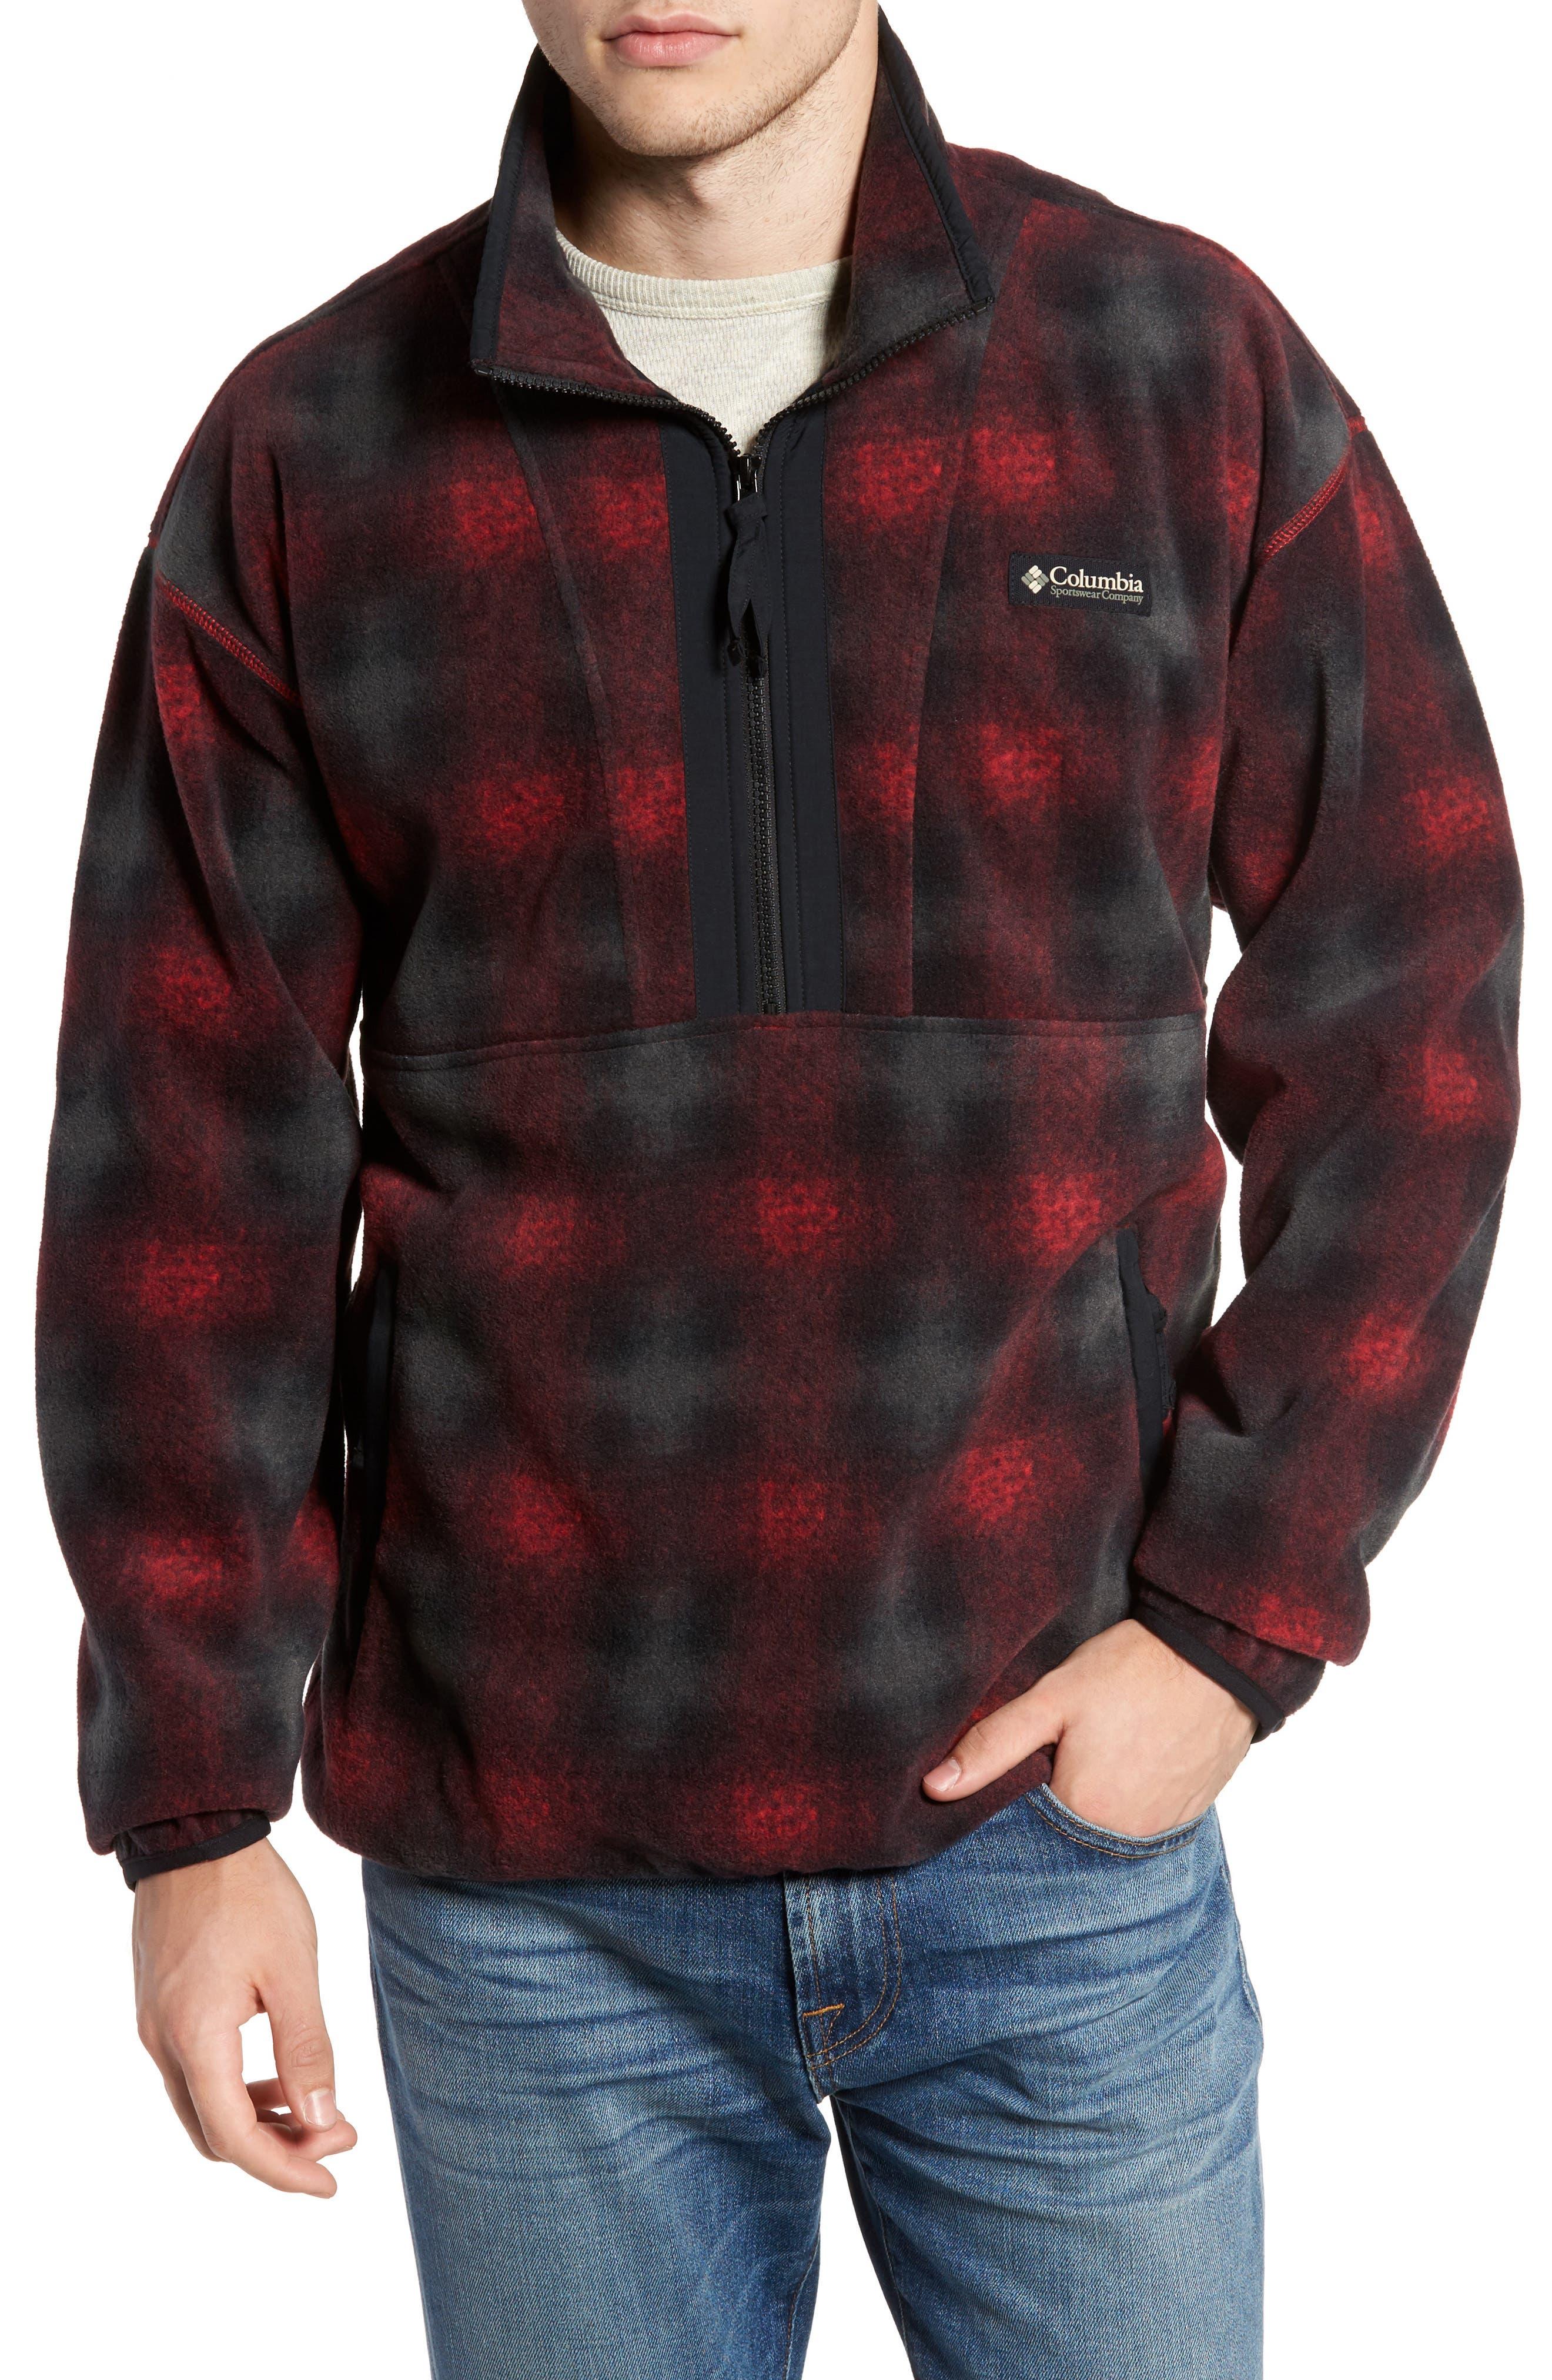 Columbia CSC Originals Half Zip Fleece Pullover